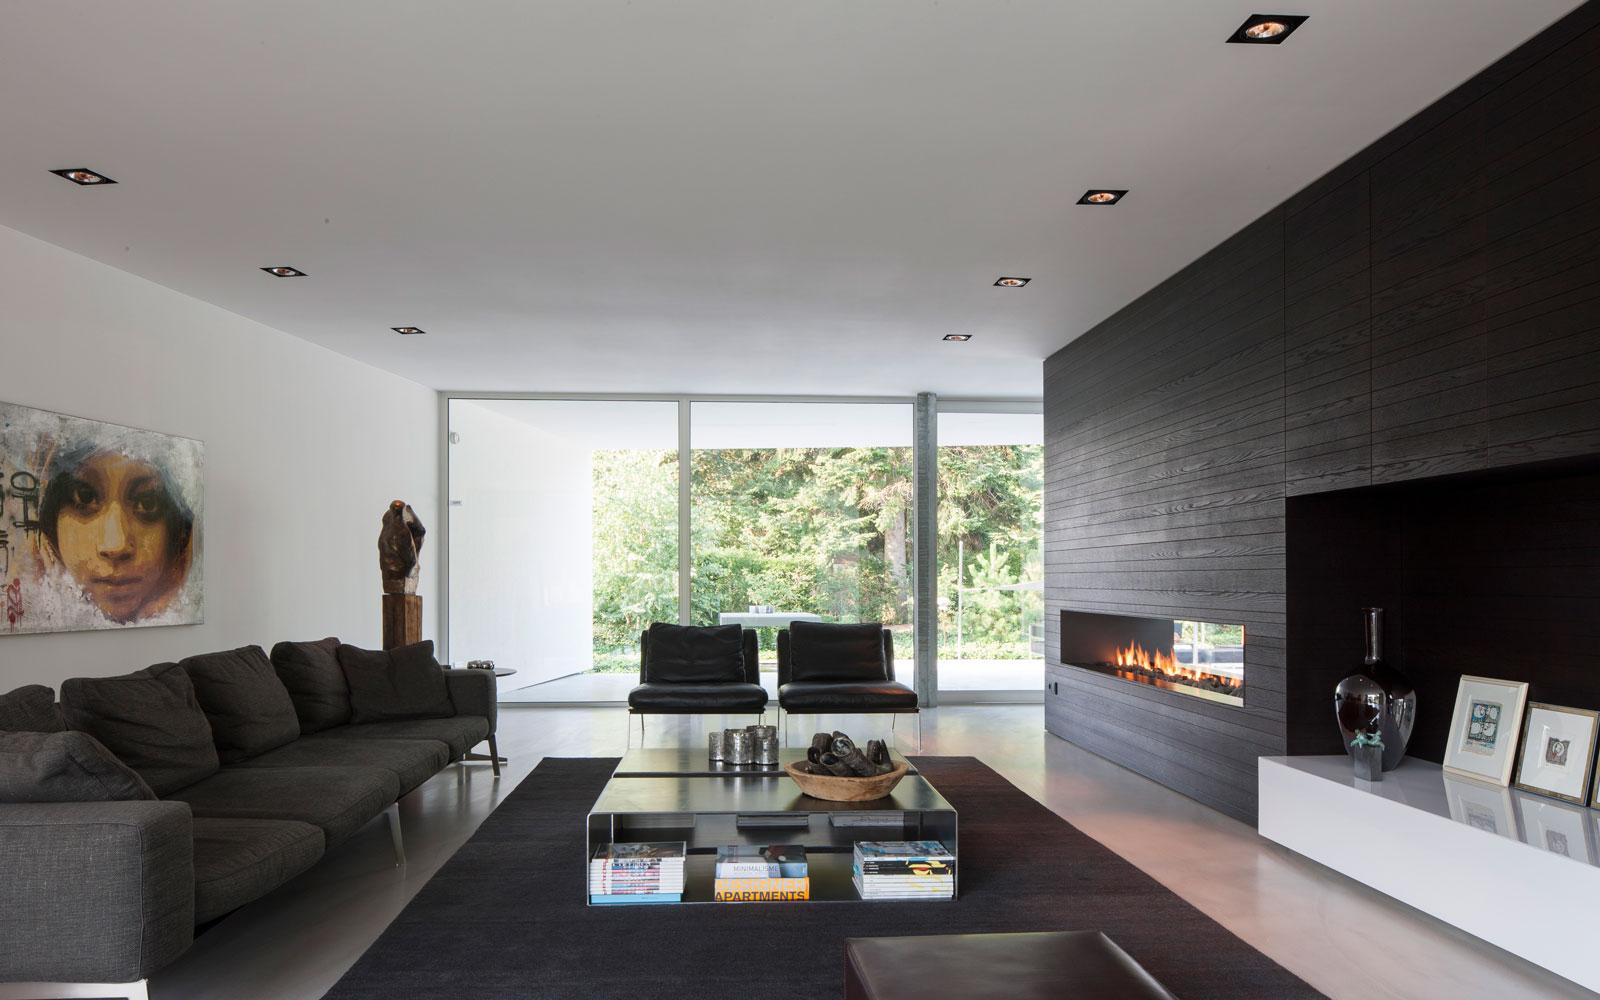 Woonkamer, living, open haard, haardvuur, haardmeubel, maatwerk, zwevende villa, Lab32 architecten